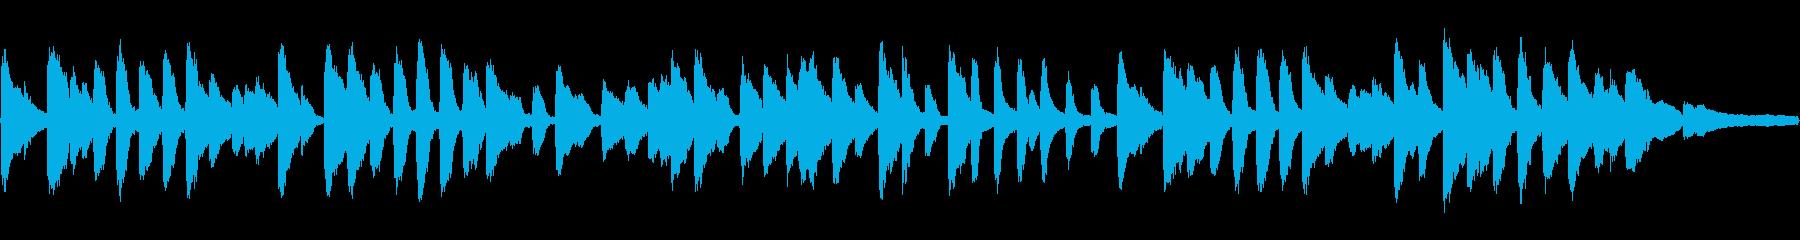 愛らしいピアノ・ソロ曲の再生済みの波形